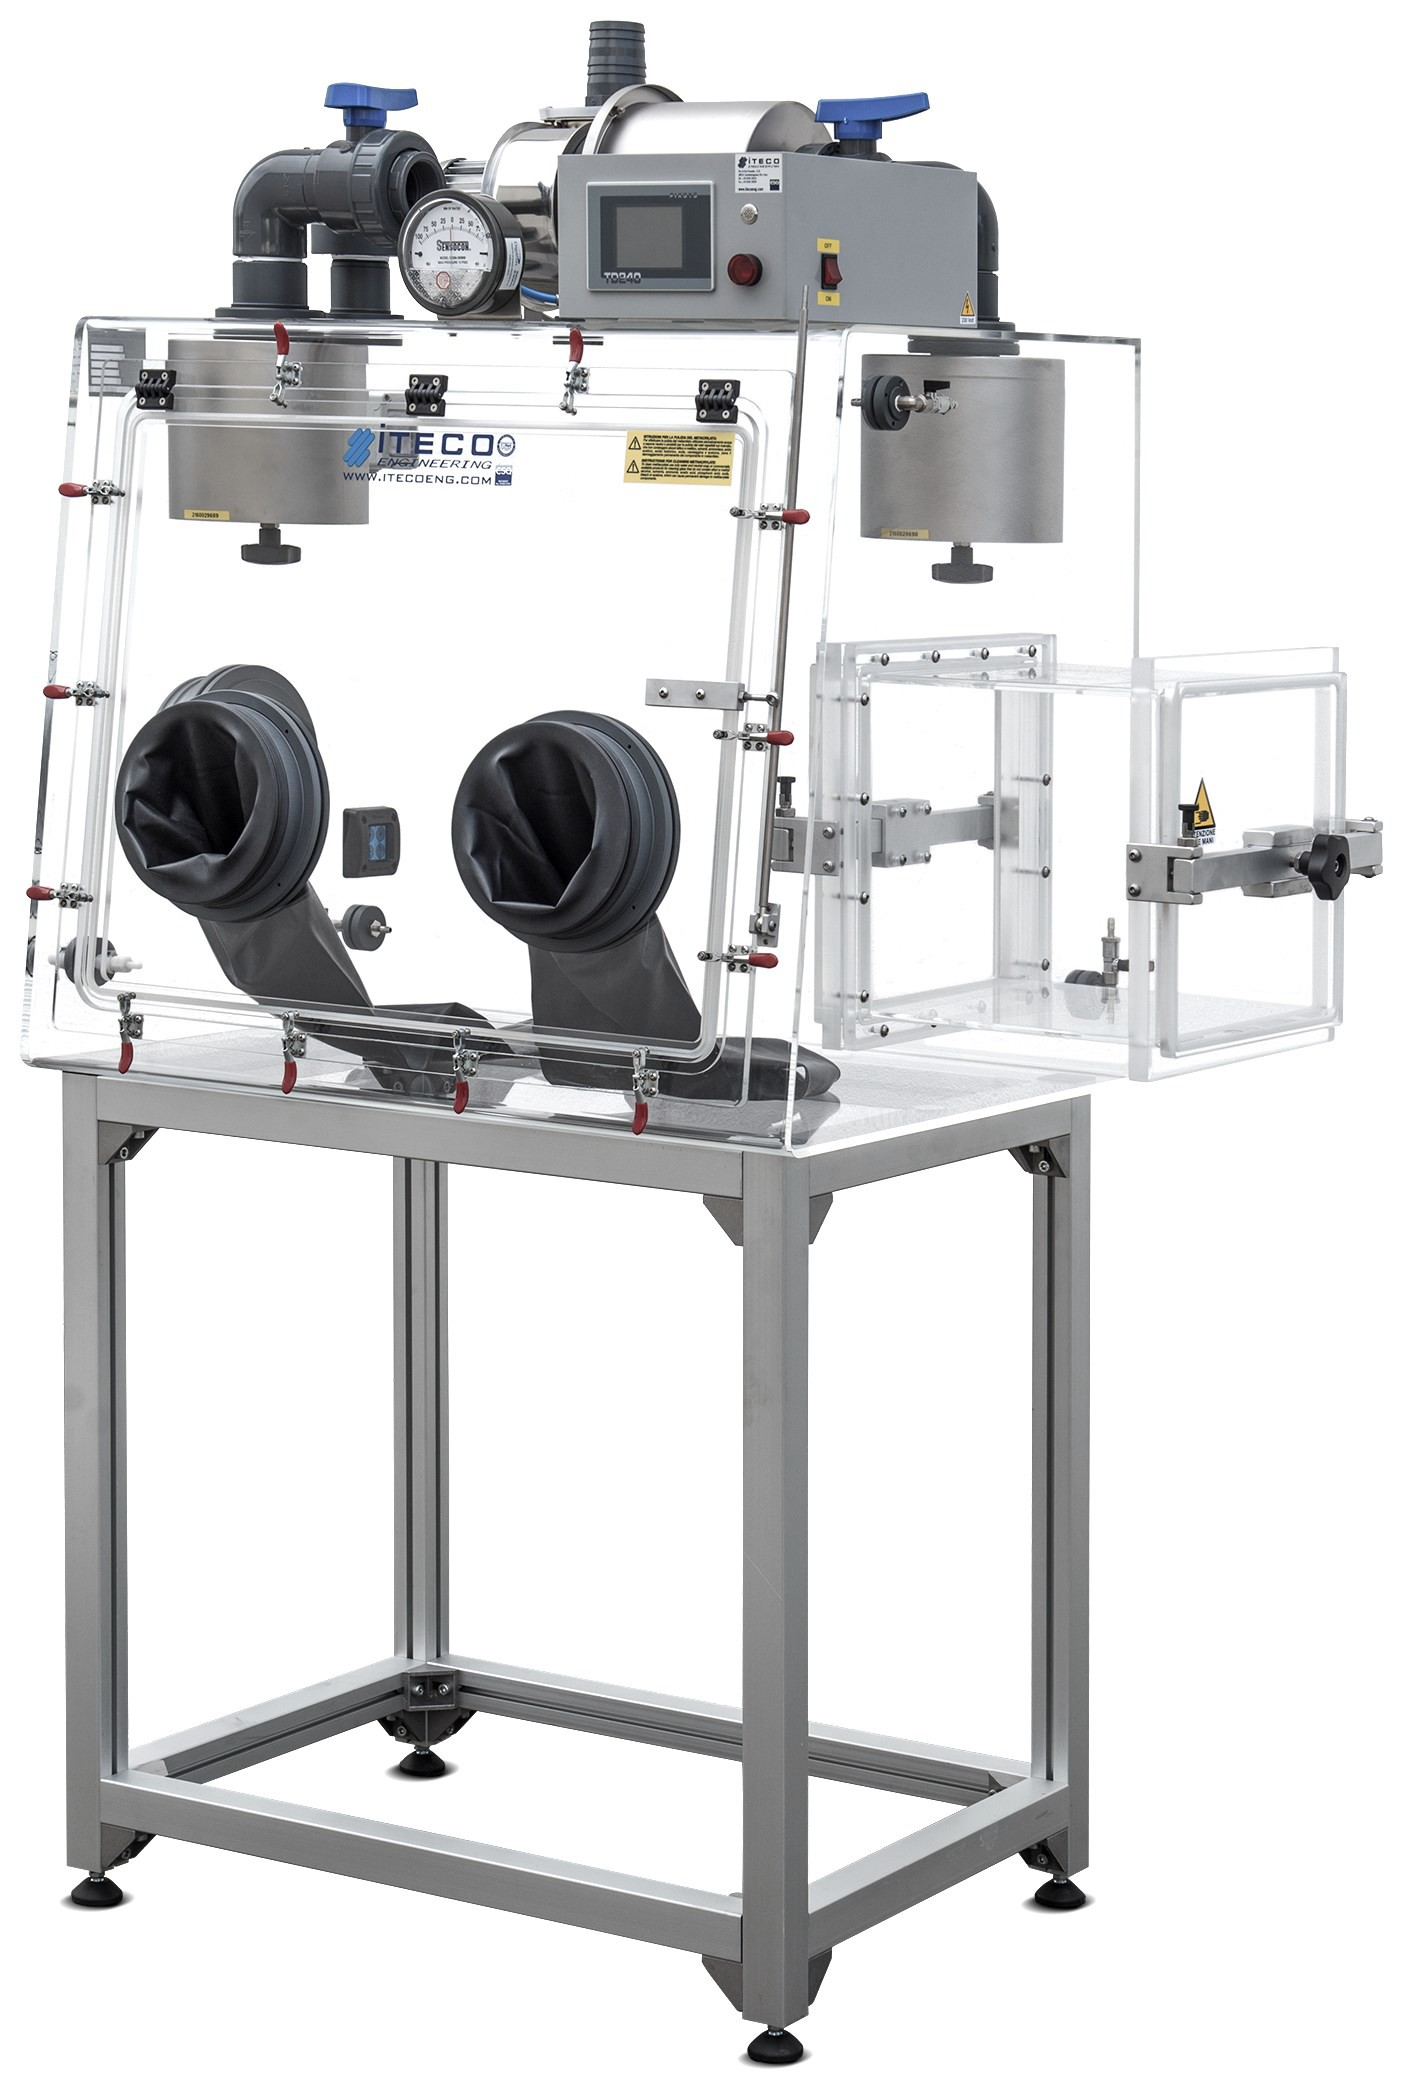 Cabina di sicurezza biologica SGS20 HBR